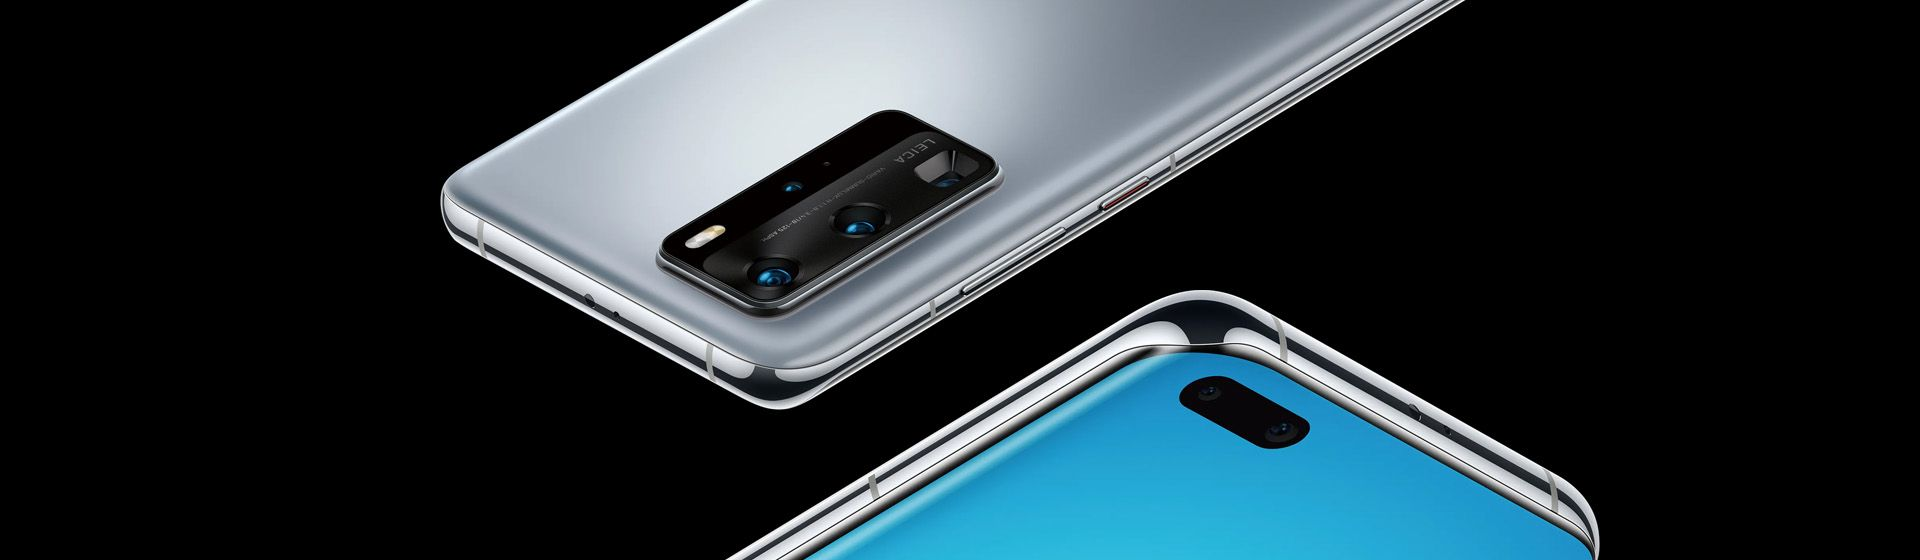 Huawei P40 Pro é bom? Conheça ficha técnica e preço do celular